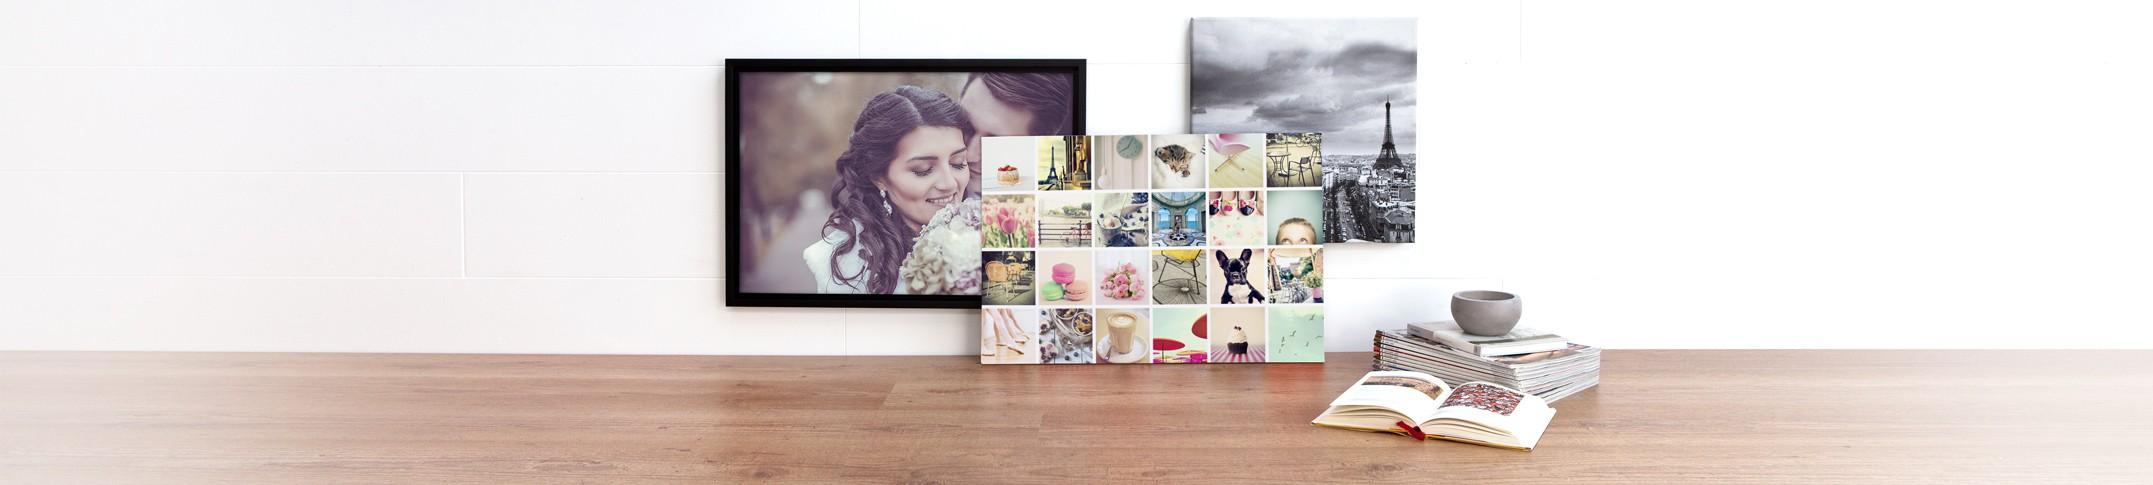 Canvas-taulu seinäkoristeeksi - Luo hienoa taidetta seinälle suosikkikuvistasi!